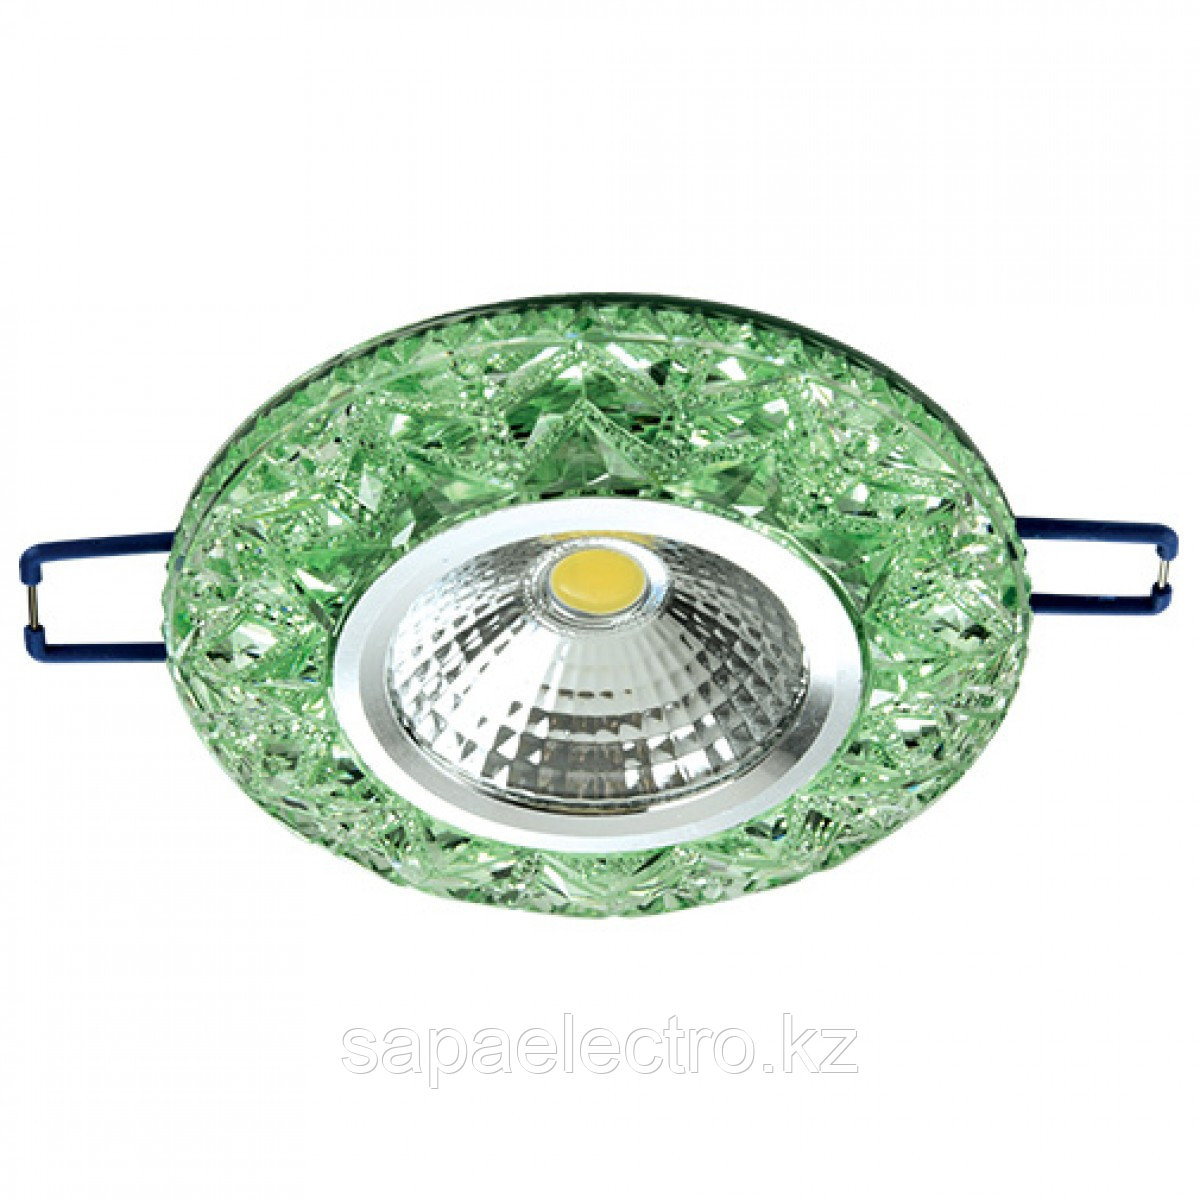 Спот LED XN-0215 3W GREEN 5000K (TS) 60шт